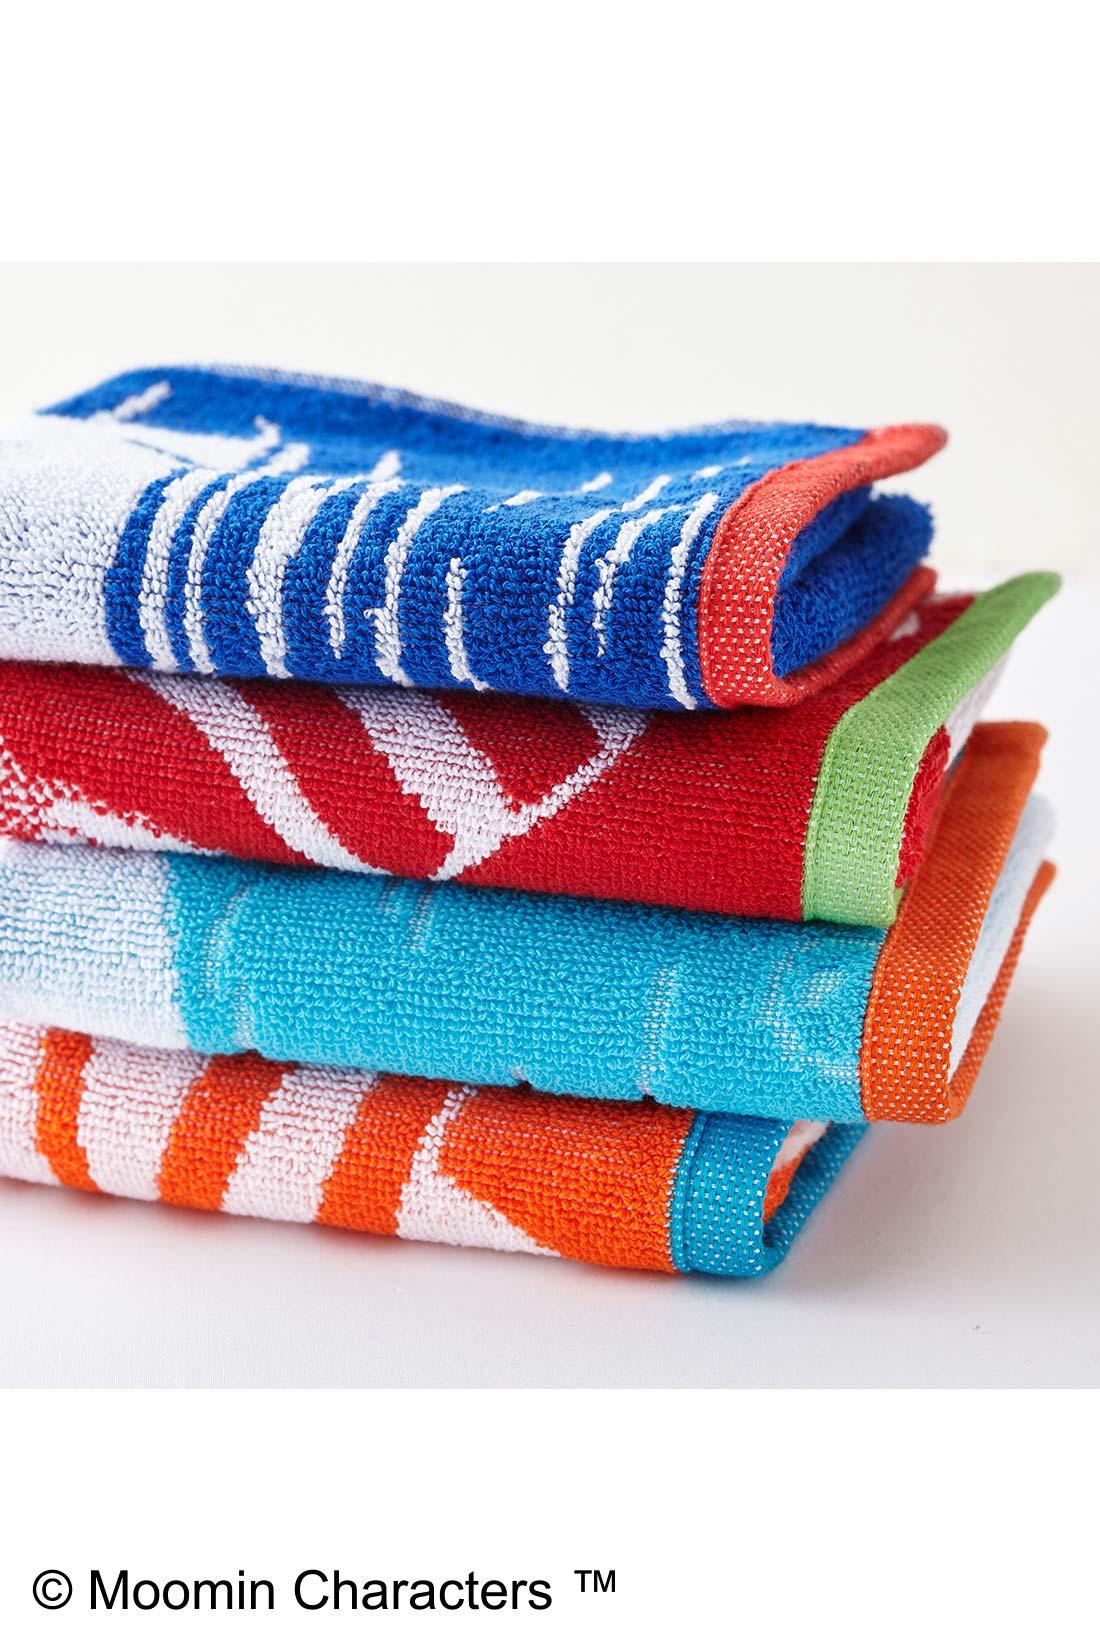 厚みがあって肌ざわりのよいタオルは、フェイスタオルやスポーツタオルとして大活躍。